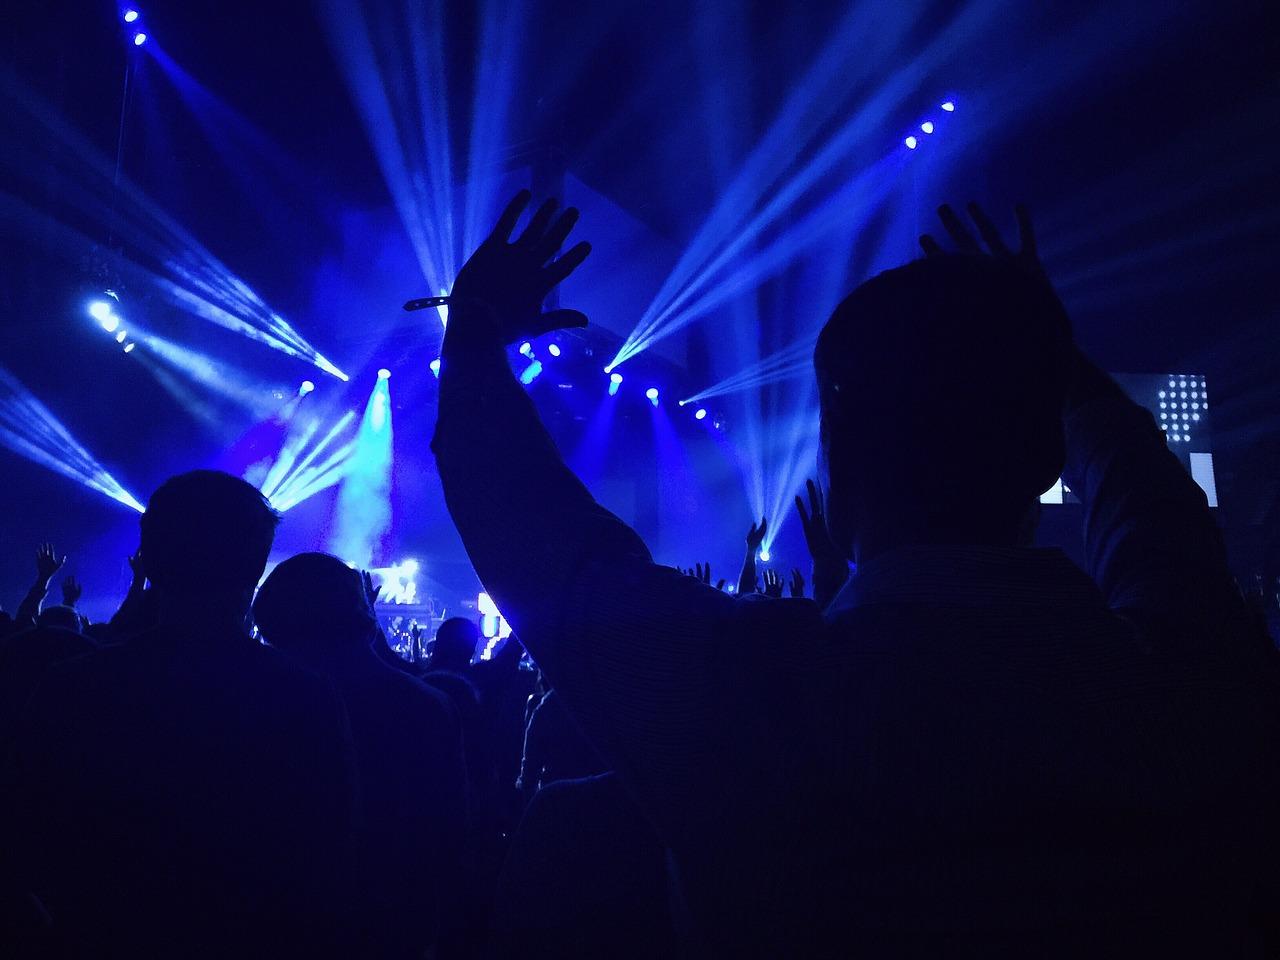 音楽フェスで盛り上がる人の後ろ姿